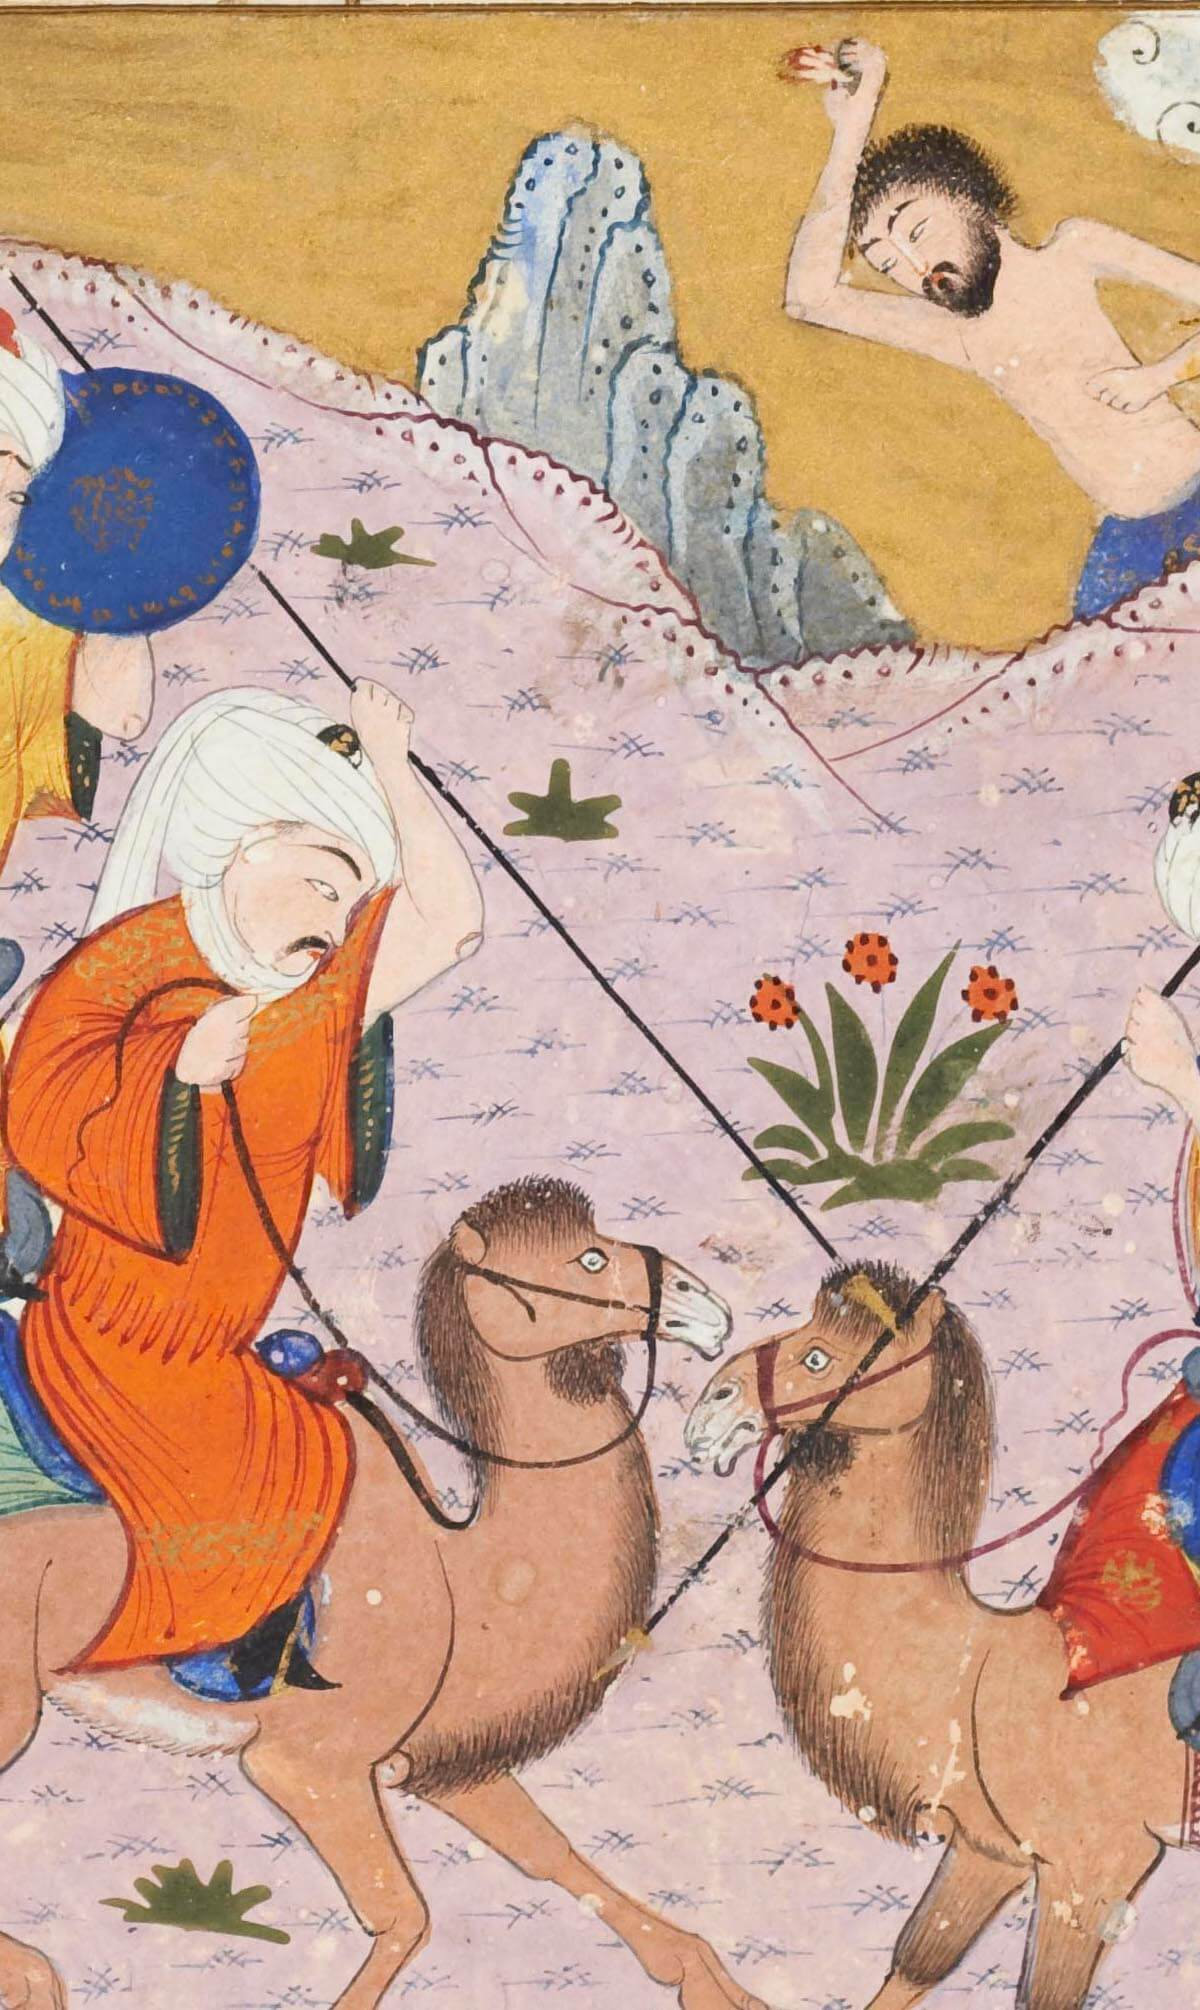 La bataille des clans de Nawfal et de Layla (détail)